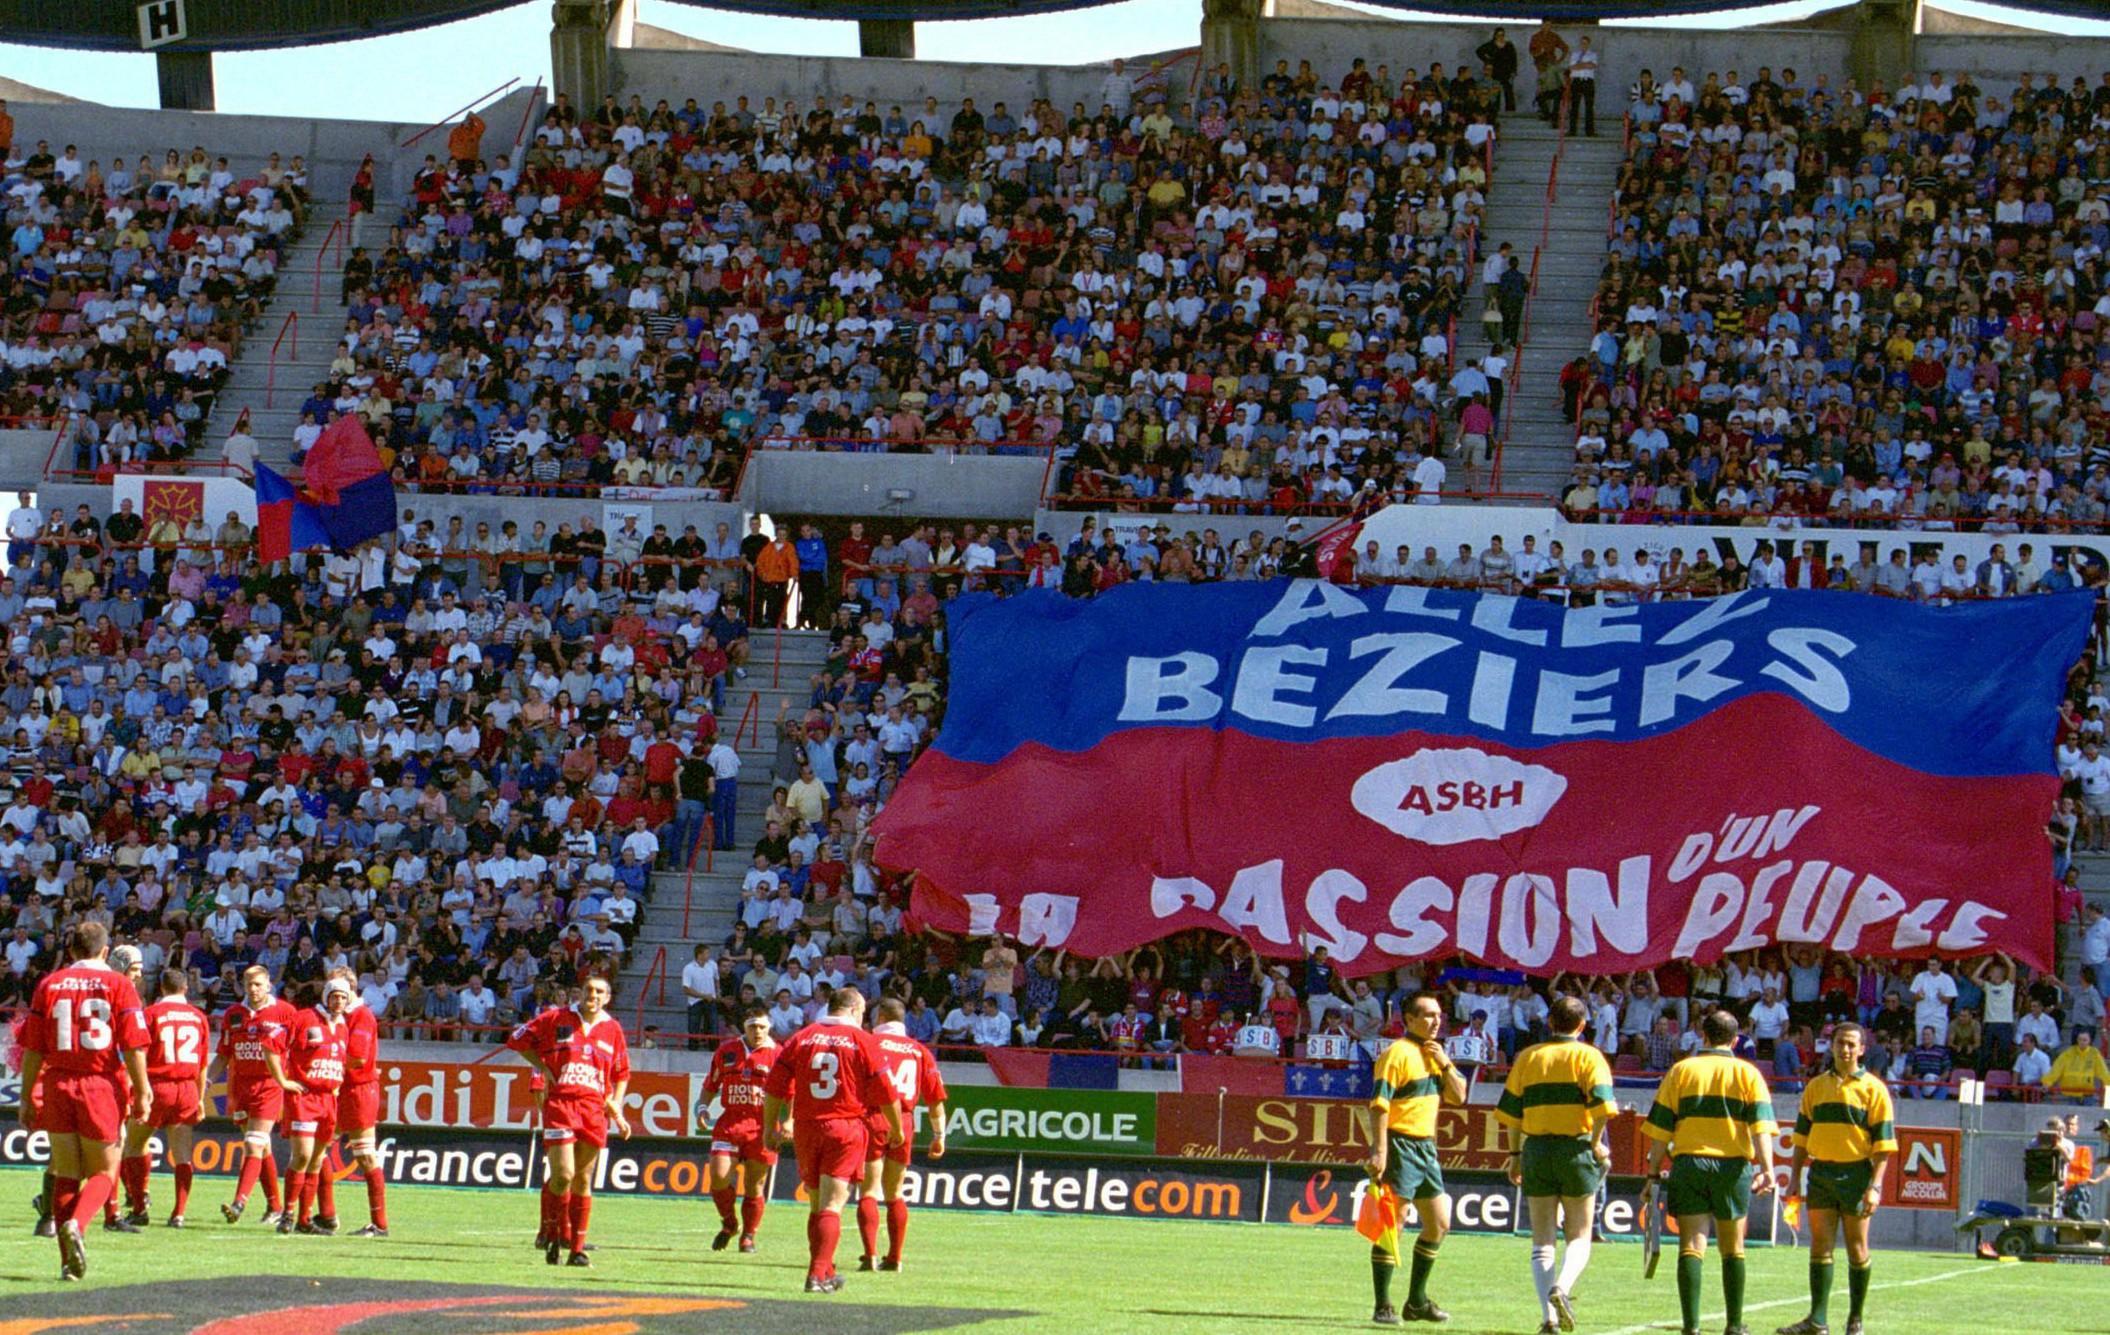 Rugby - Pro D2 - Rachat de Béziers : le repreneur émirati propose 1 euro symbolique et fixe un ultimatum